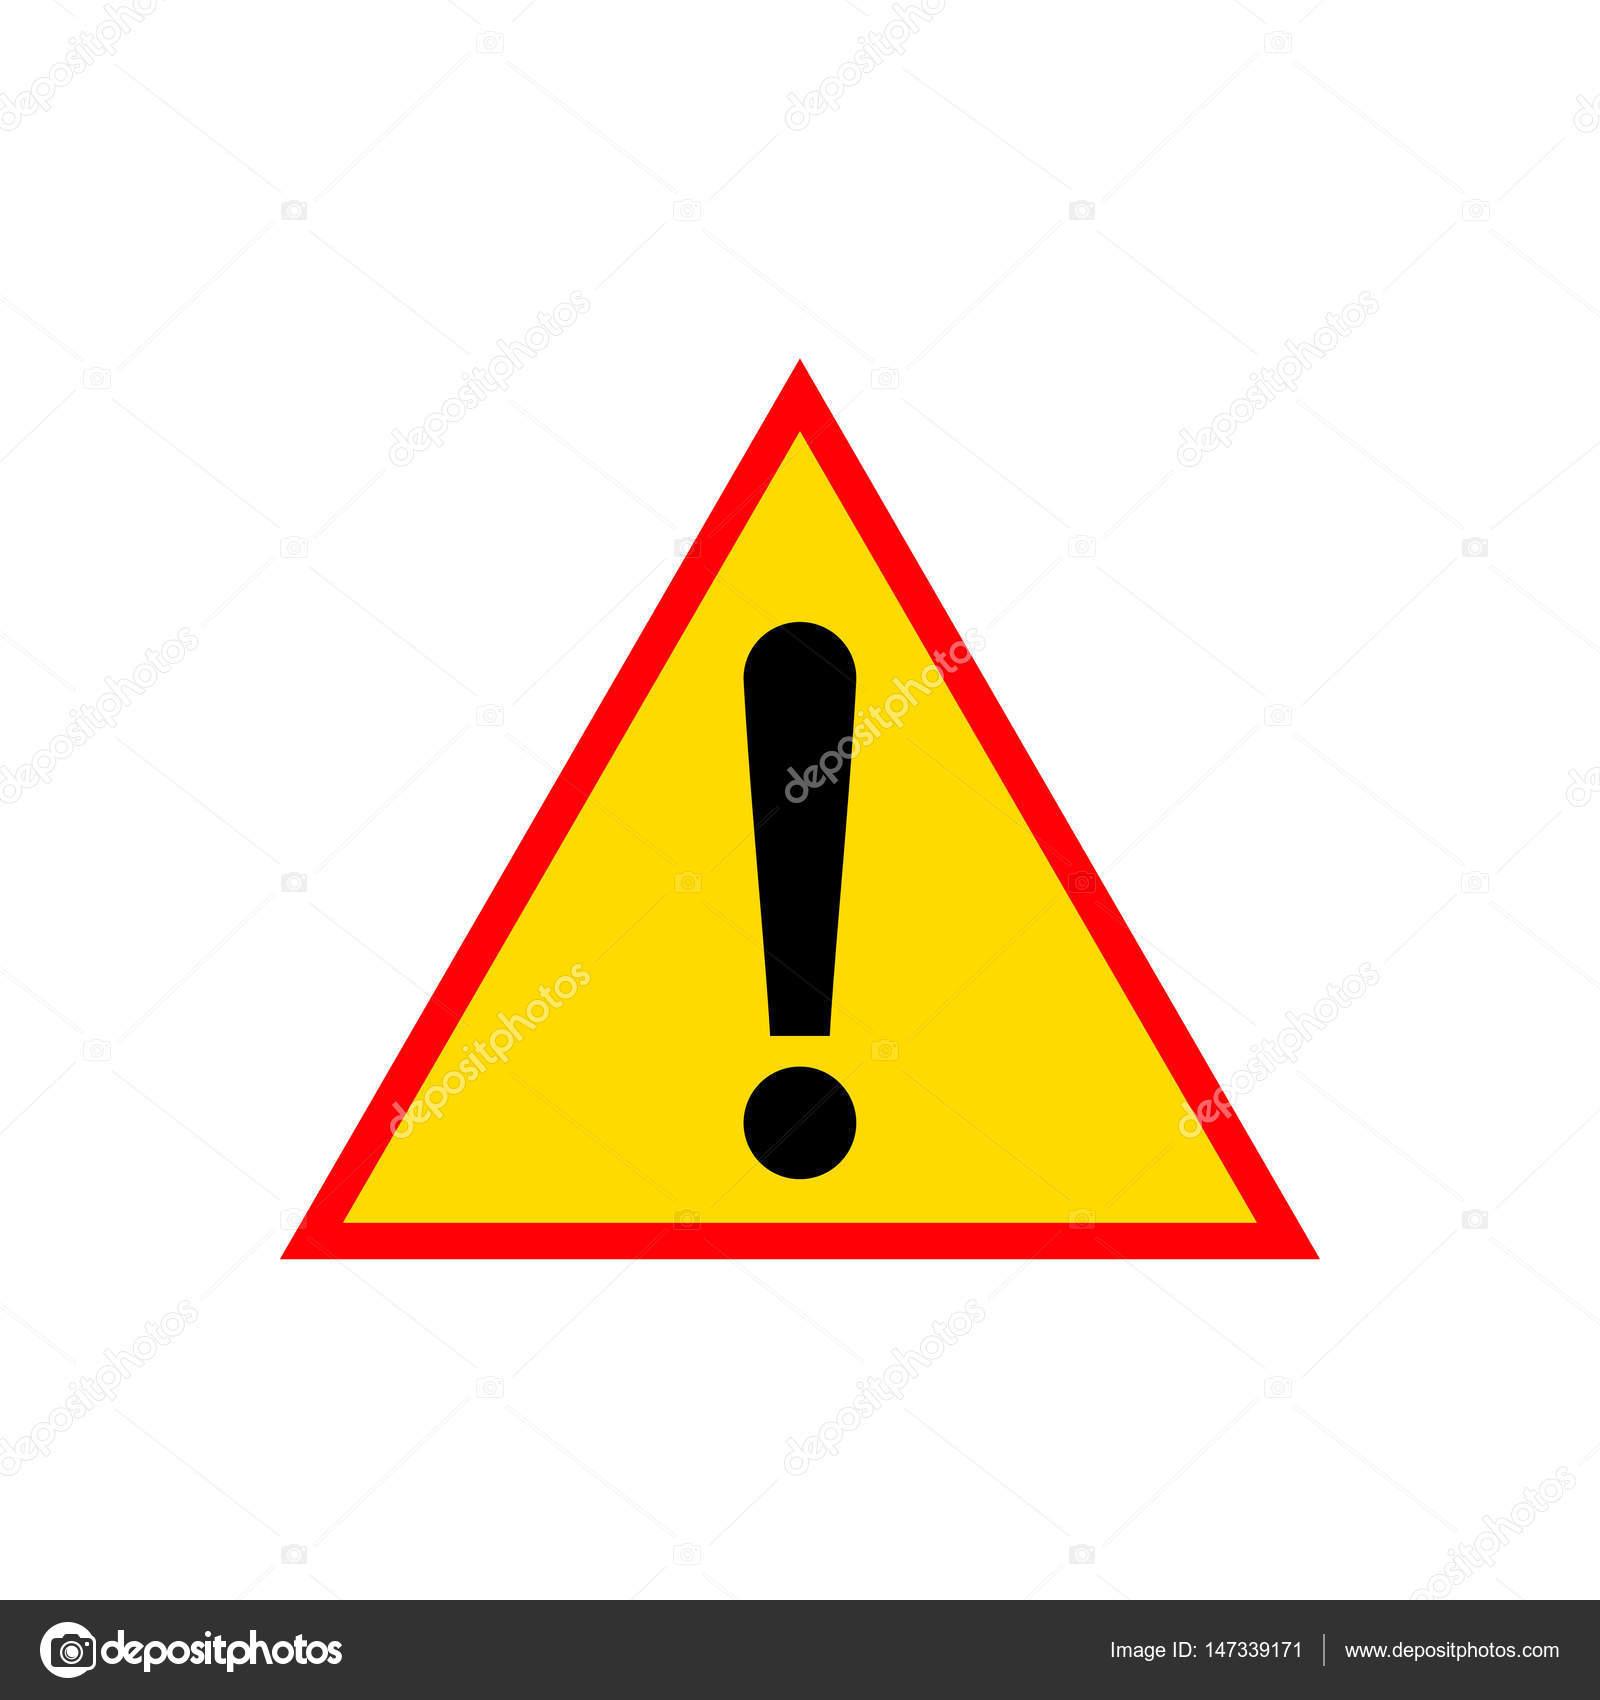 желтый знаком восклицательным роутер с треугольник